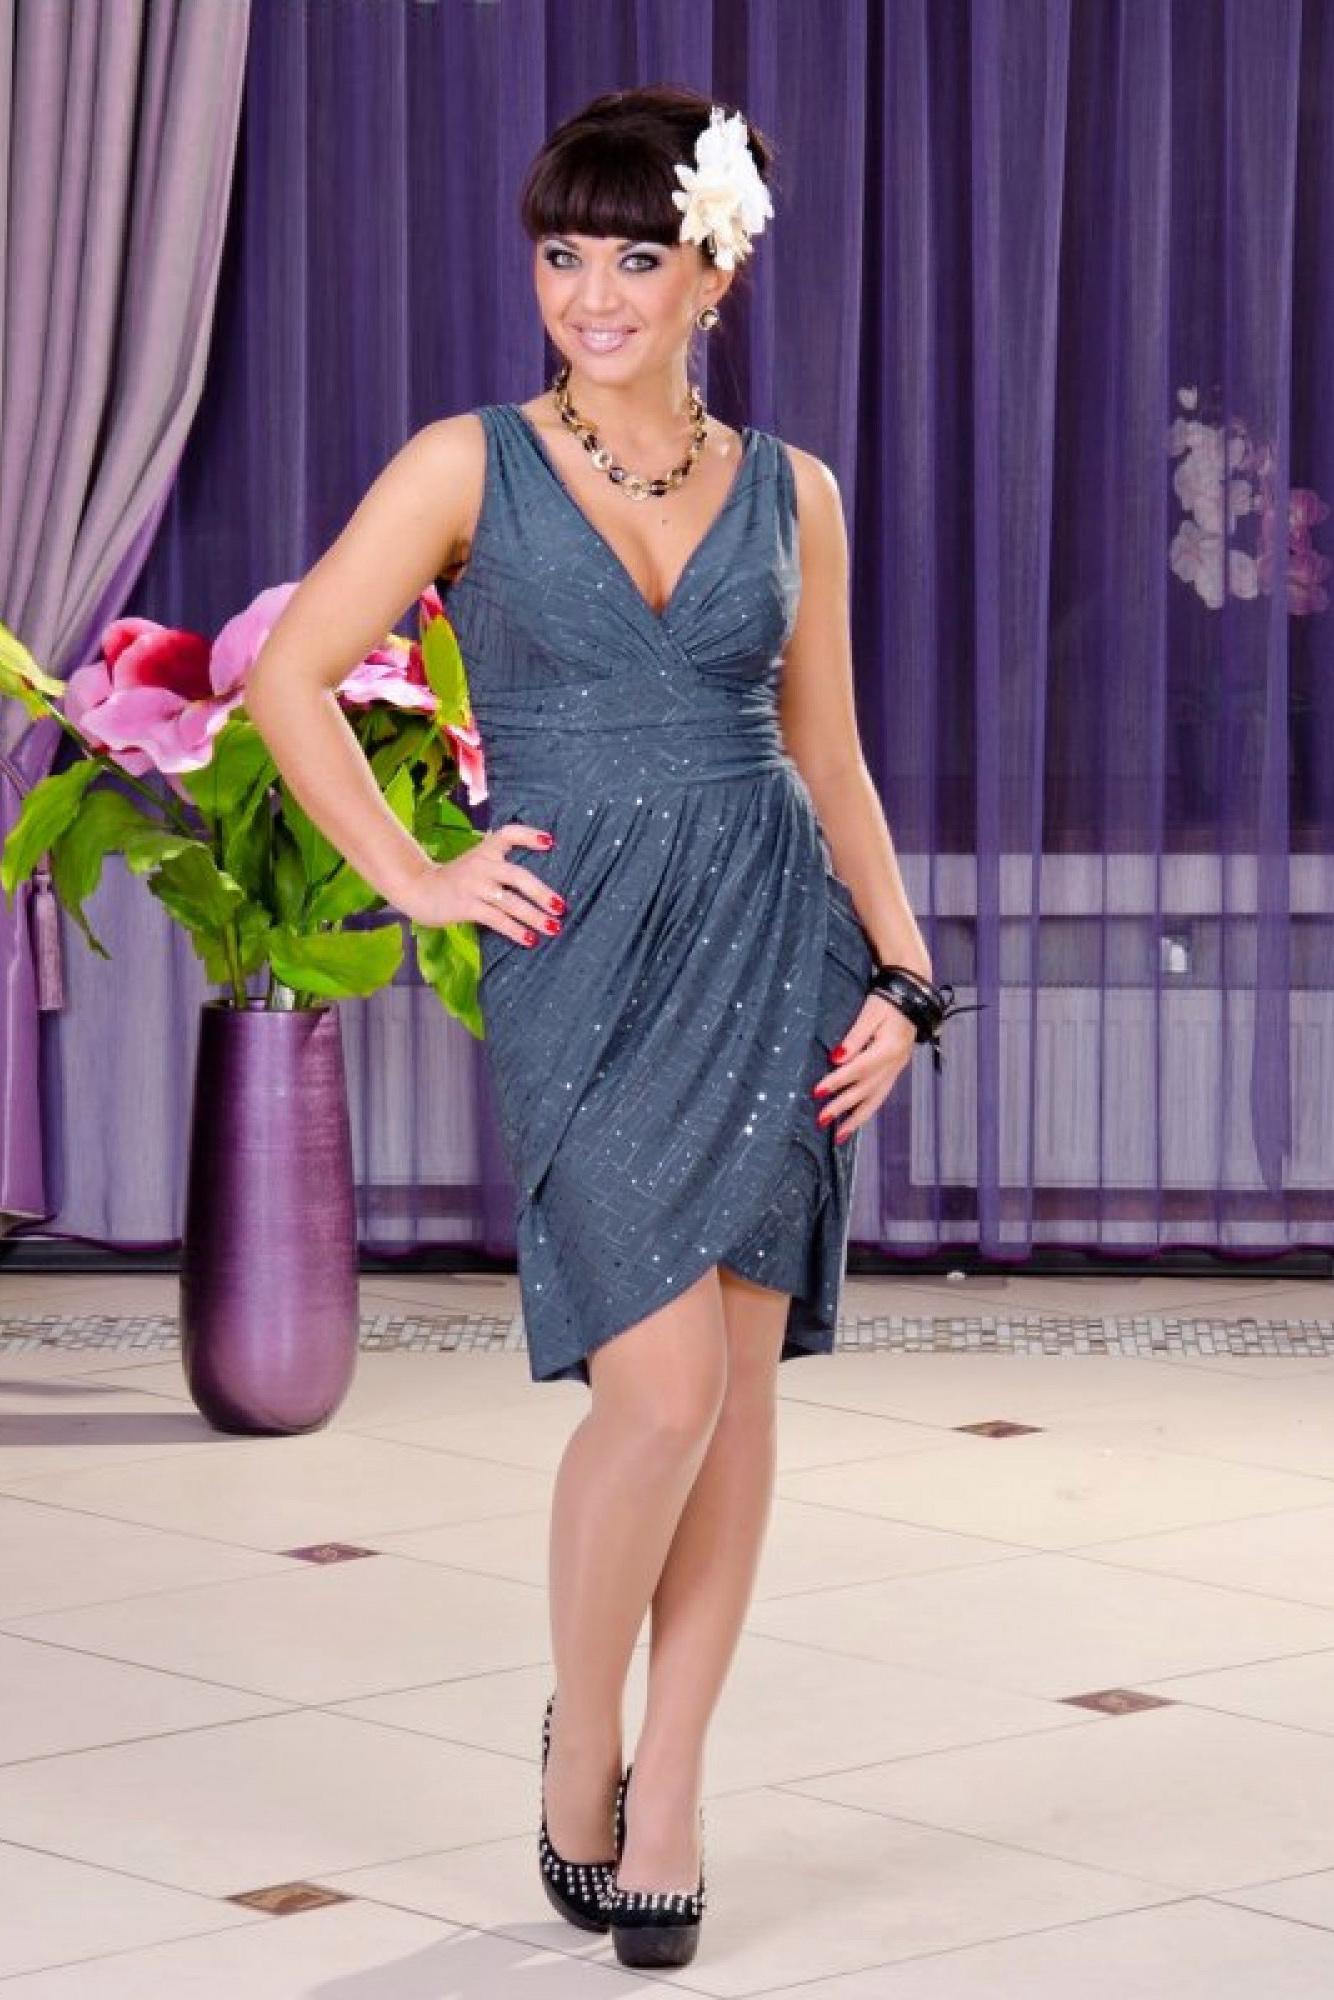 ПлатьеПлатья<br>Грациозное, нарядное платье в греческом стиле. Лиф и юбка выполнены на запах.  Бижутерия в комплект не входит.  Цвет: серый.  Длина изделия около 98 см<br><br>Горловина: V- горловина,Запах<br>По длине: До колена<br>По материалу: Трикотаж<br>По рисунку: Однотонные<br>По сезону: Весна,Зима,Лето,Осень,Всесезон<br>По силуэту: Приталенные<br>По стилю: Нарядный стиль,Вечерний стиль<br>По форме: Платье - тюльпан<br>По элементам: С вырезом,С декором,С завышенной талией,С разрезом,С фигурным низом,Со складками<br>Рукав: Без рукавов<br>Размер : 46,48,50<br>Материал: Холодное масло<br>Количество в наличии: 5